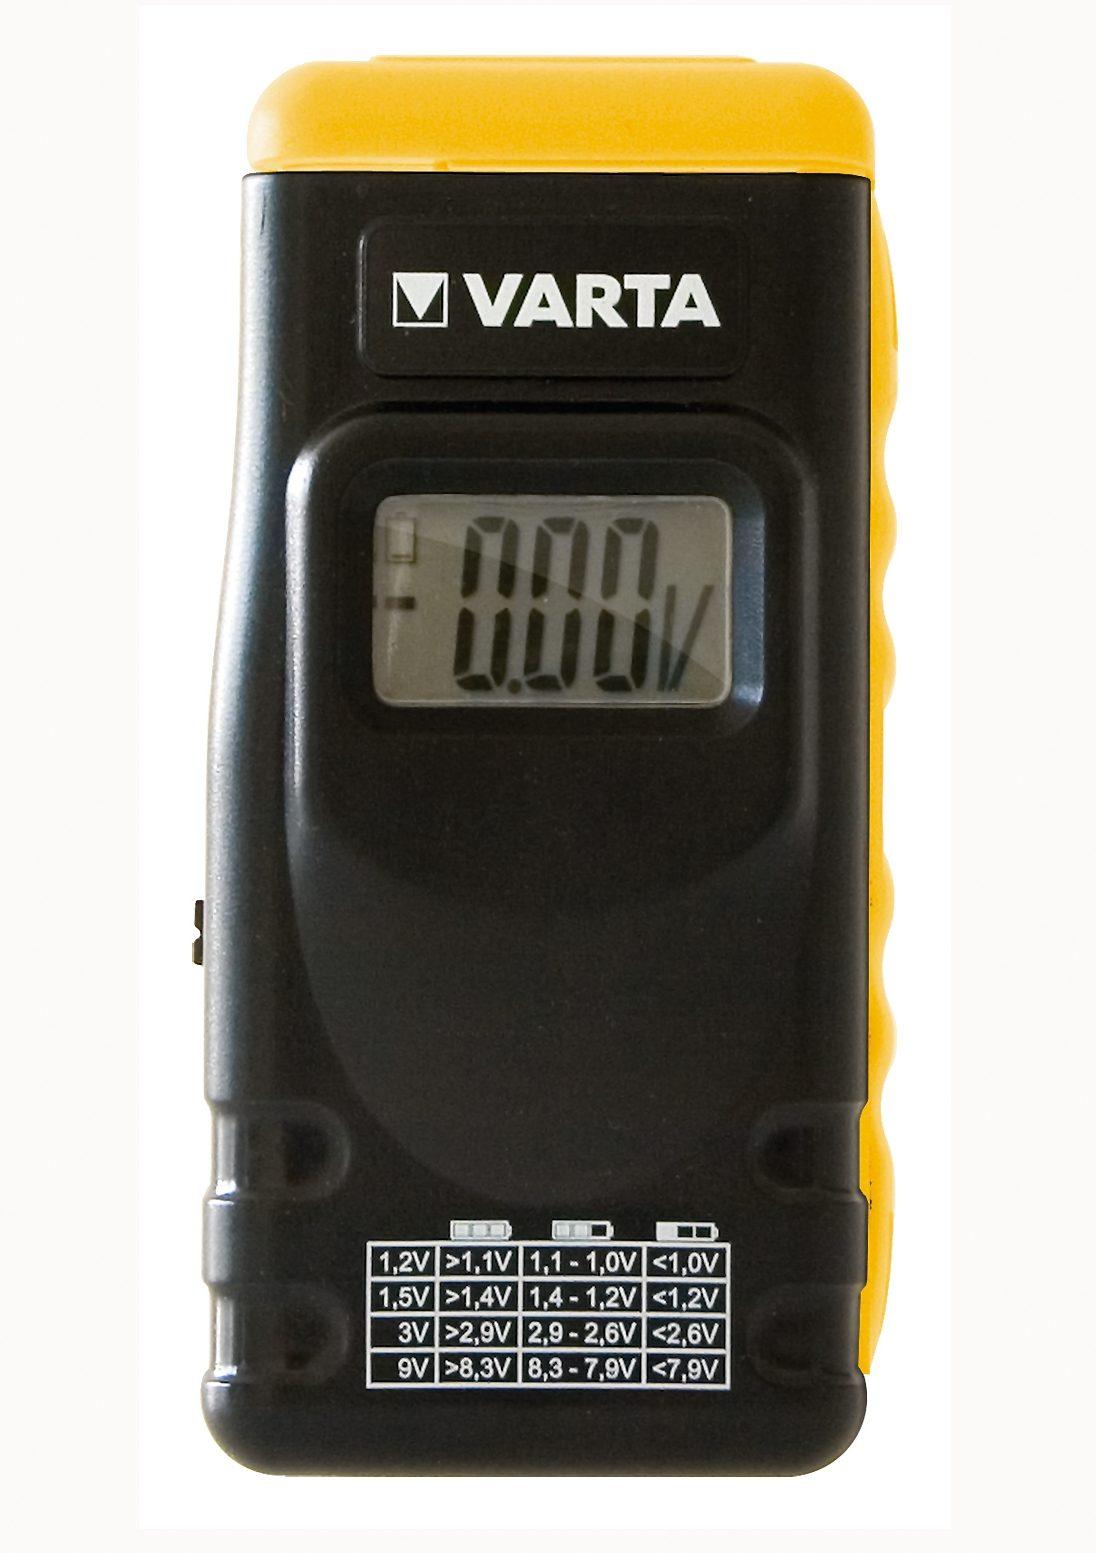 Varta, Batterie-Tester, »LCD Digital Battery Tester 891«